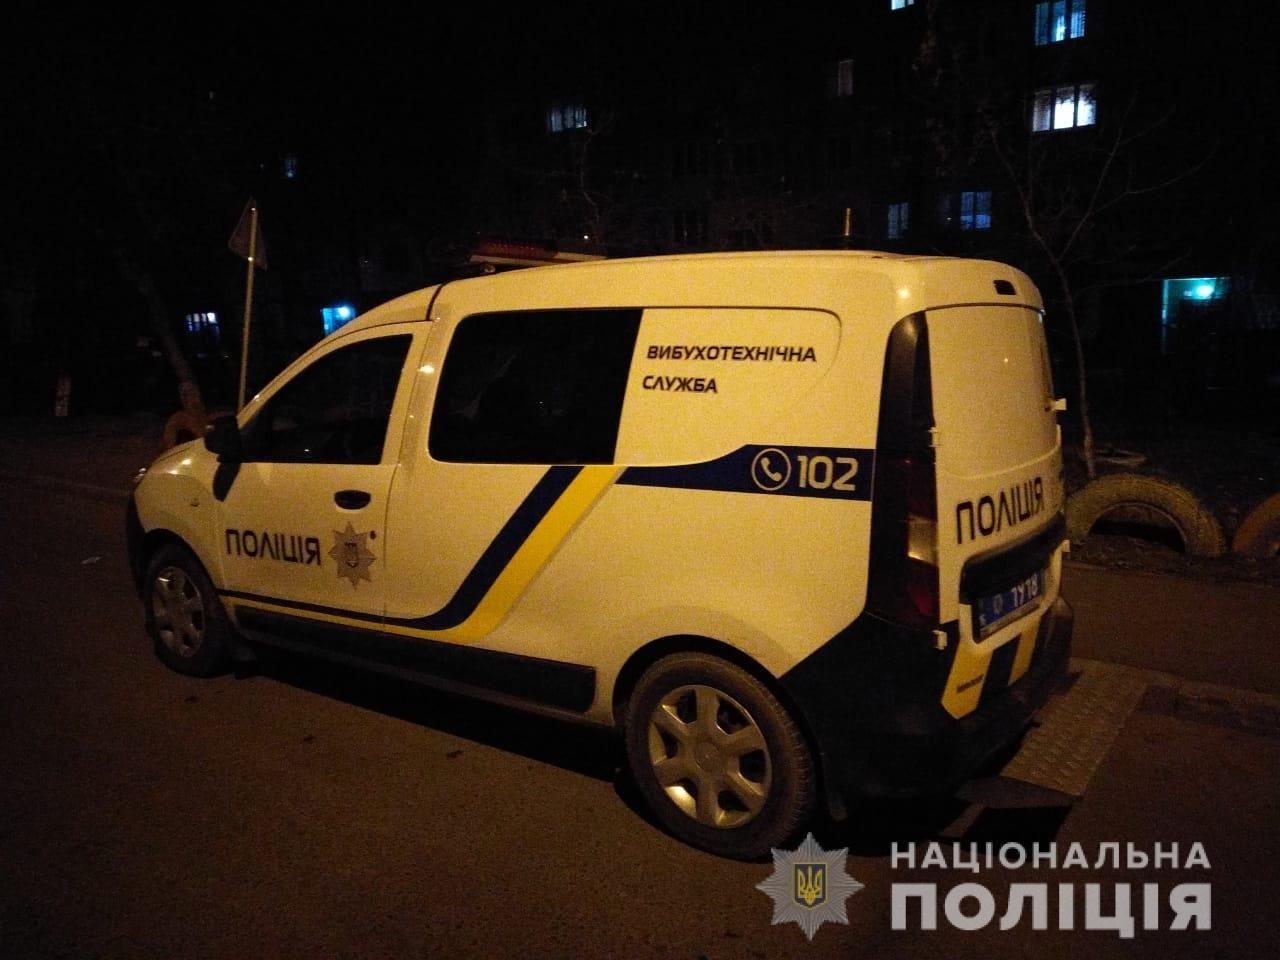 """Двум пьяным шутникам в Одесской области грозит тюрьма за """"минирование"""", - ФОТО, ВИДЕО, фото-1"""